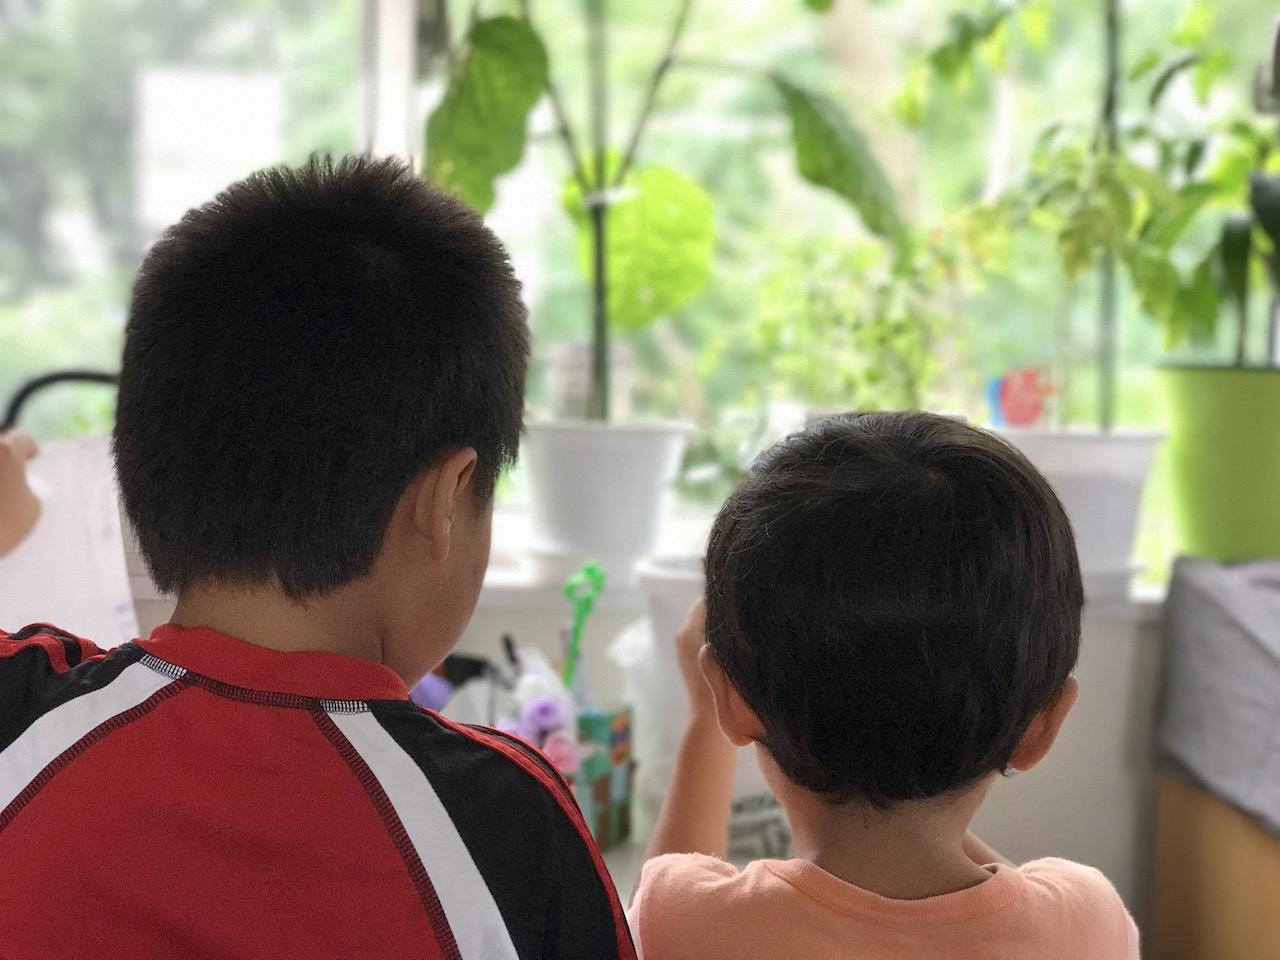 親離れできない子、子離れできない親、親と子の気持ちを分析とちょっとしたアドバイス